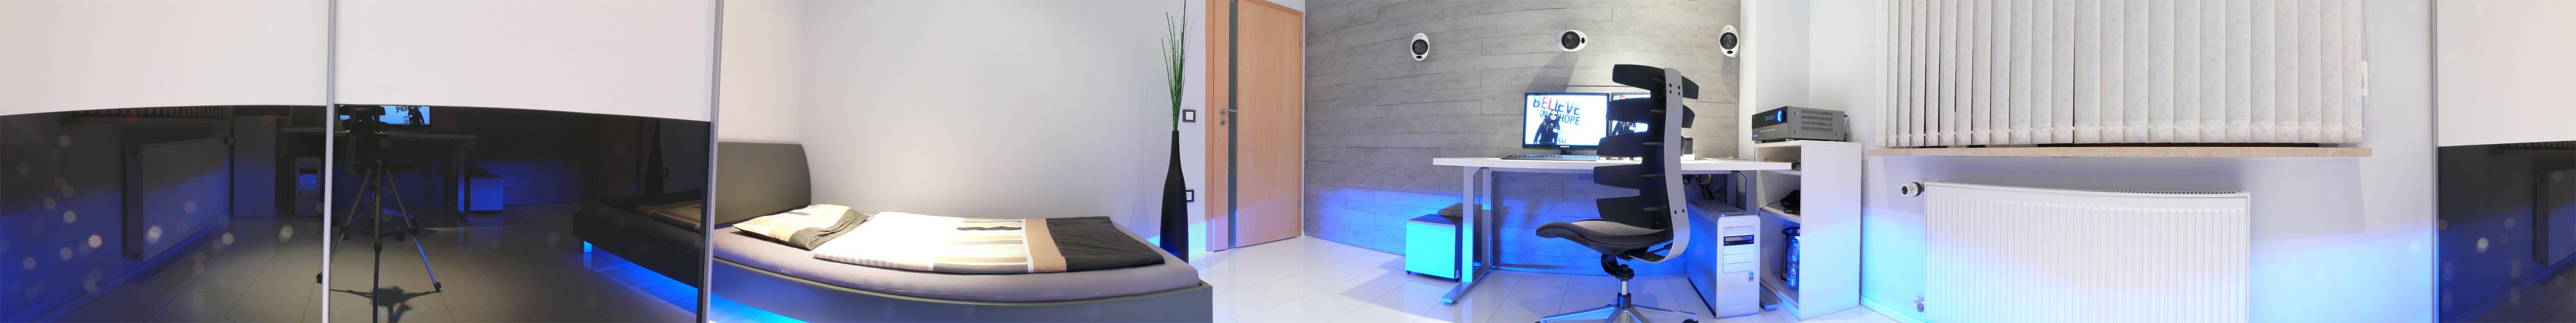 Zimmer360°